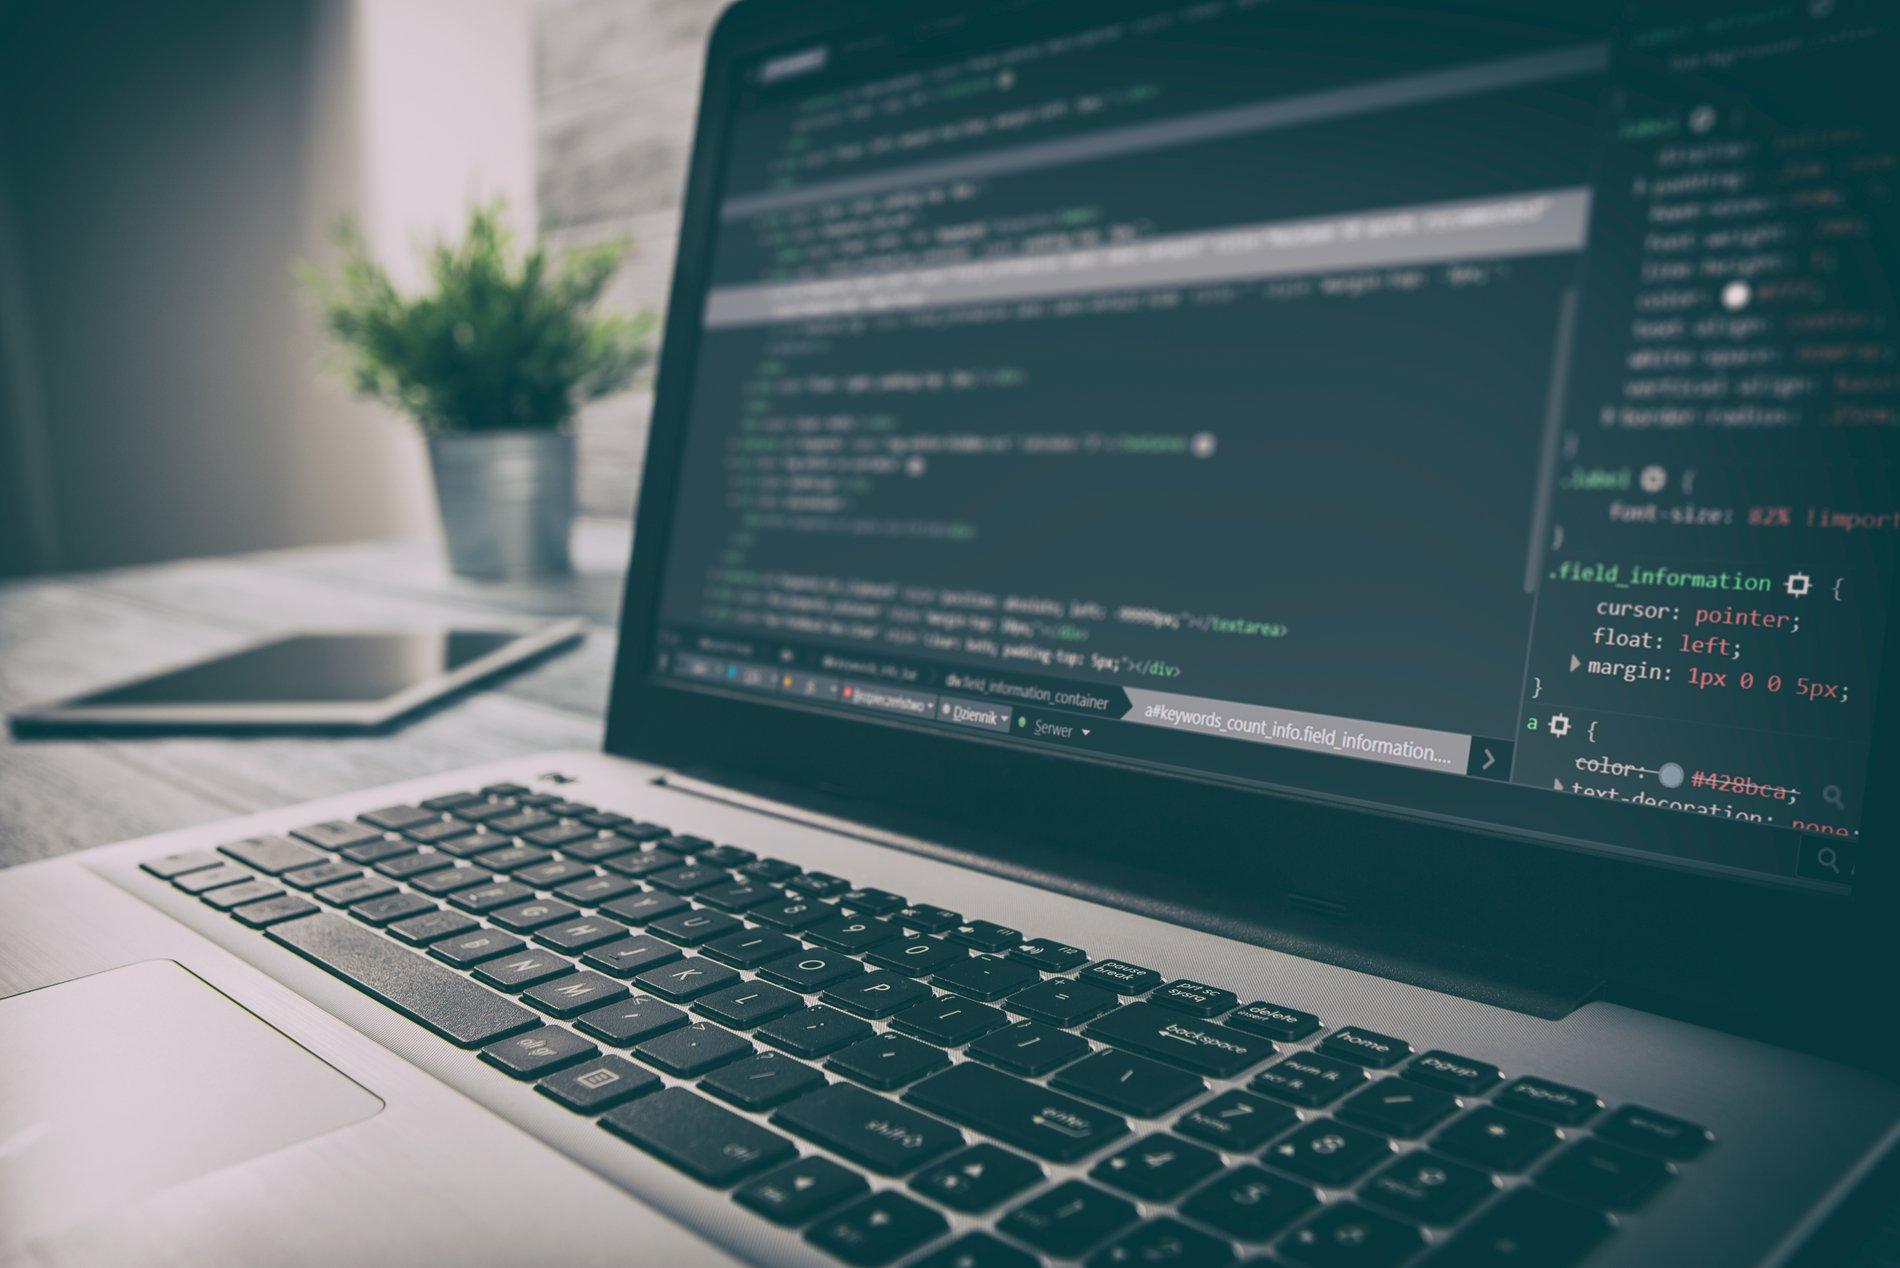 Trang tin tức lập trình Dotnetguru